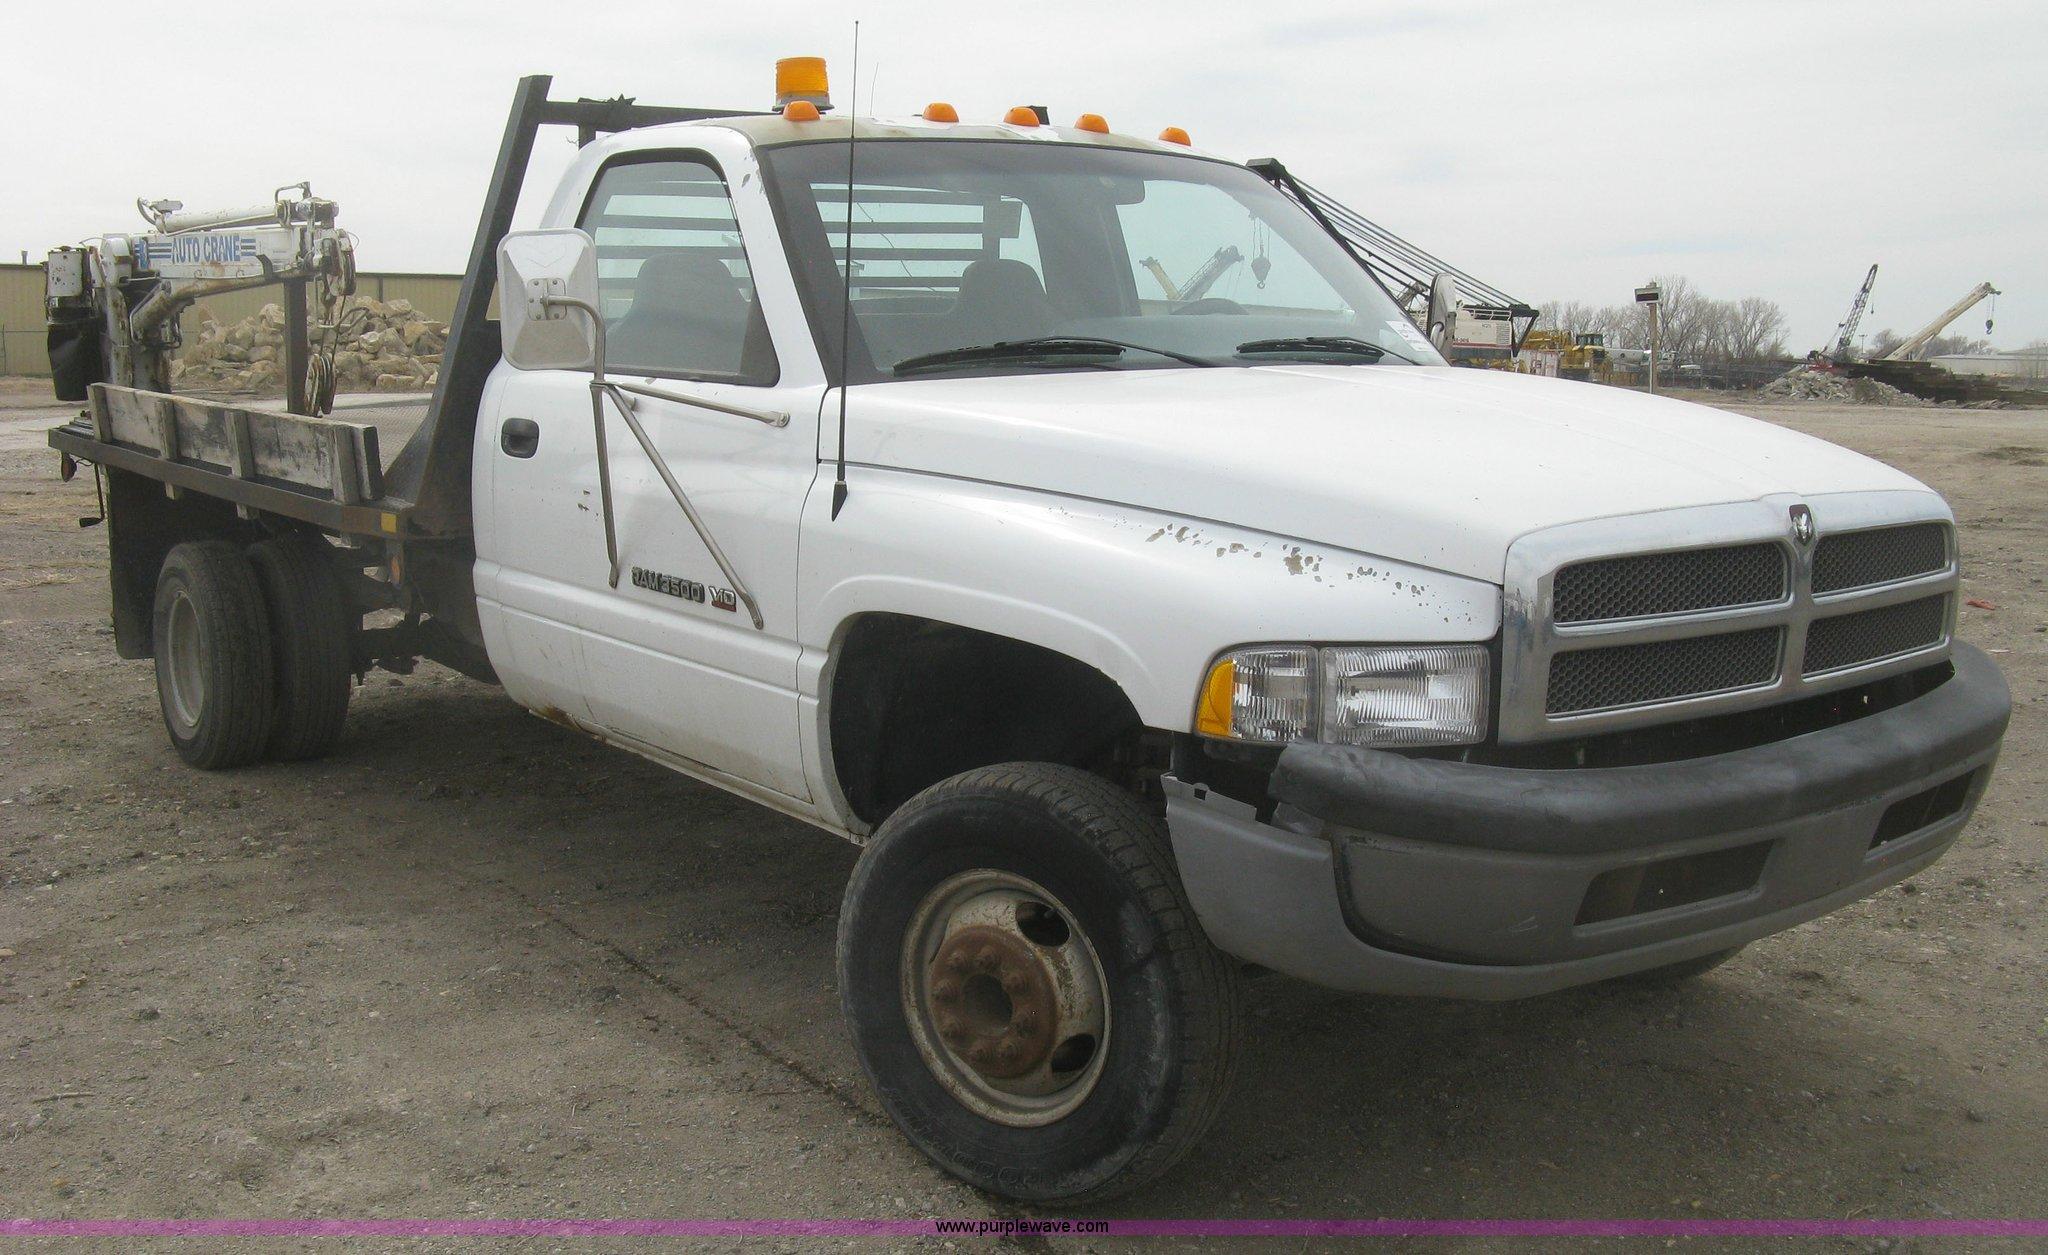 1996 dodge ram 3500 flatbed truck in wichita ks item k2988 sold purple wave 1996 dodge ram 3500 flatbed truck in